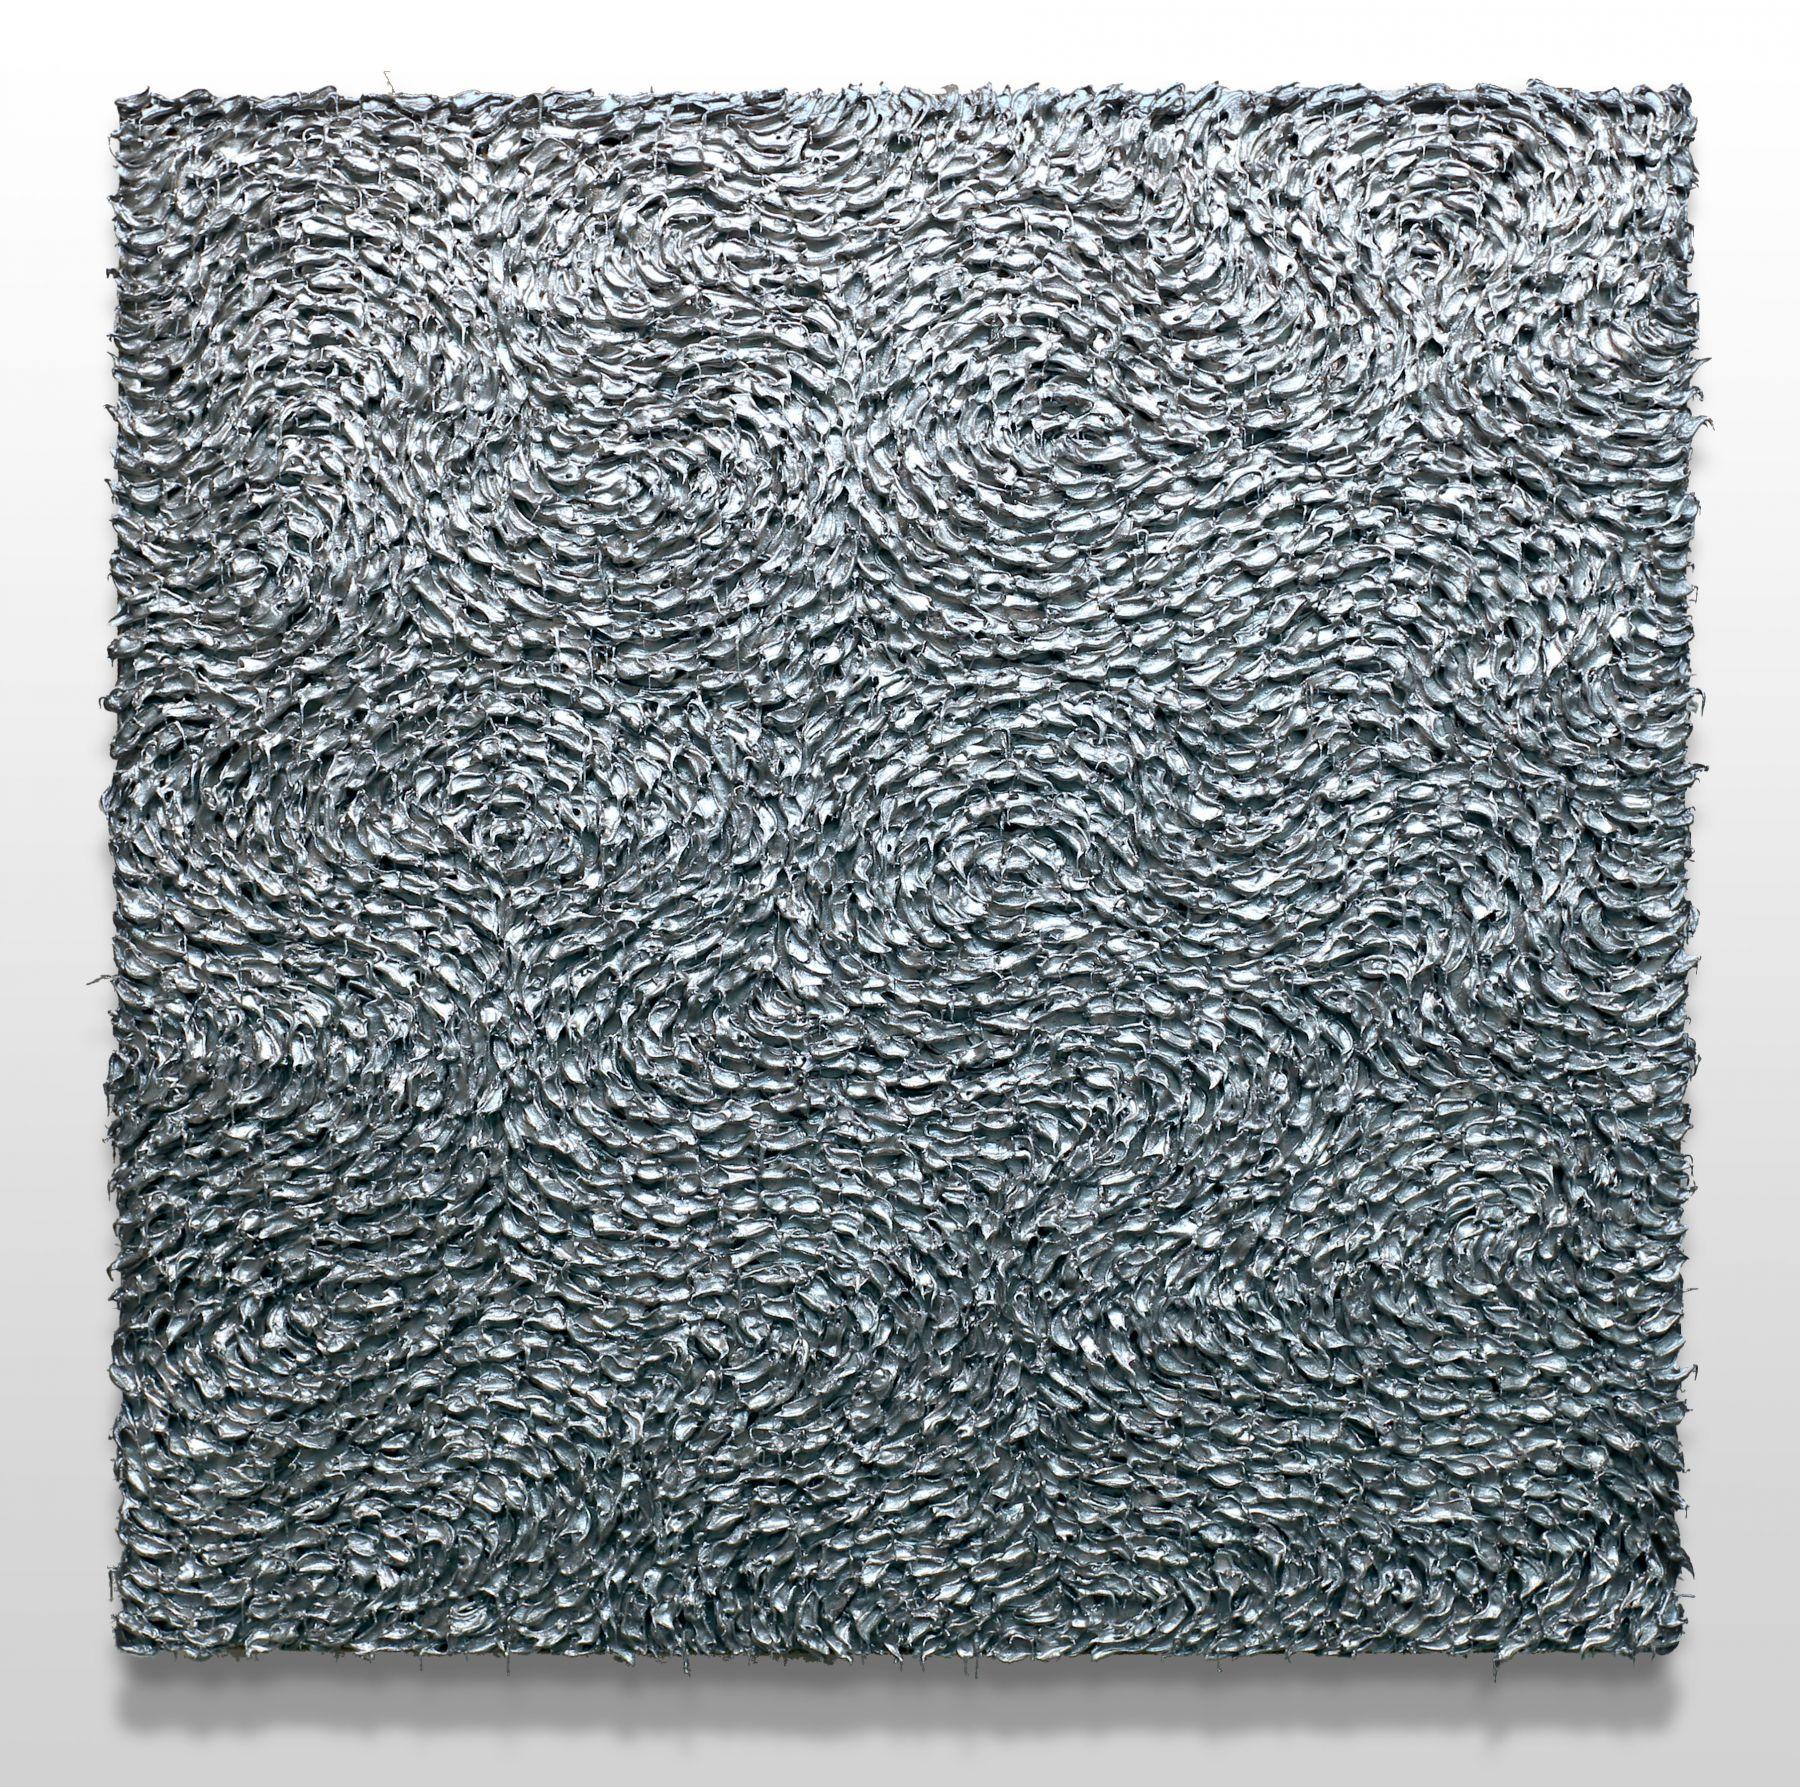 Robert Sagerman, 6,021, 2020